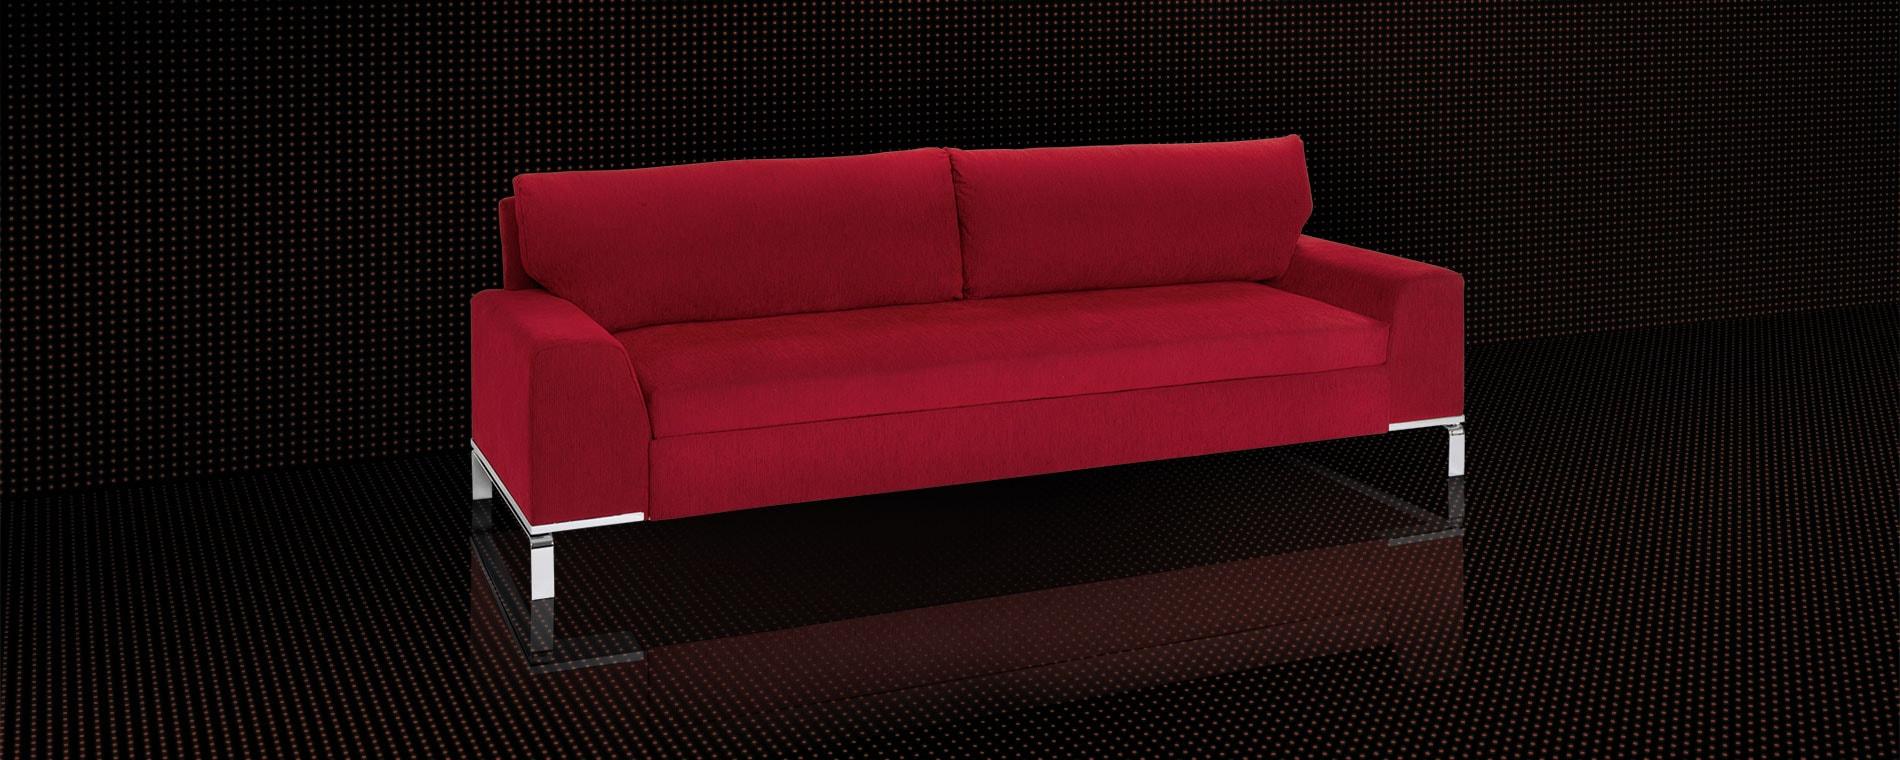 Sofabett & Dreier Sofa Divan von Swiss Plus